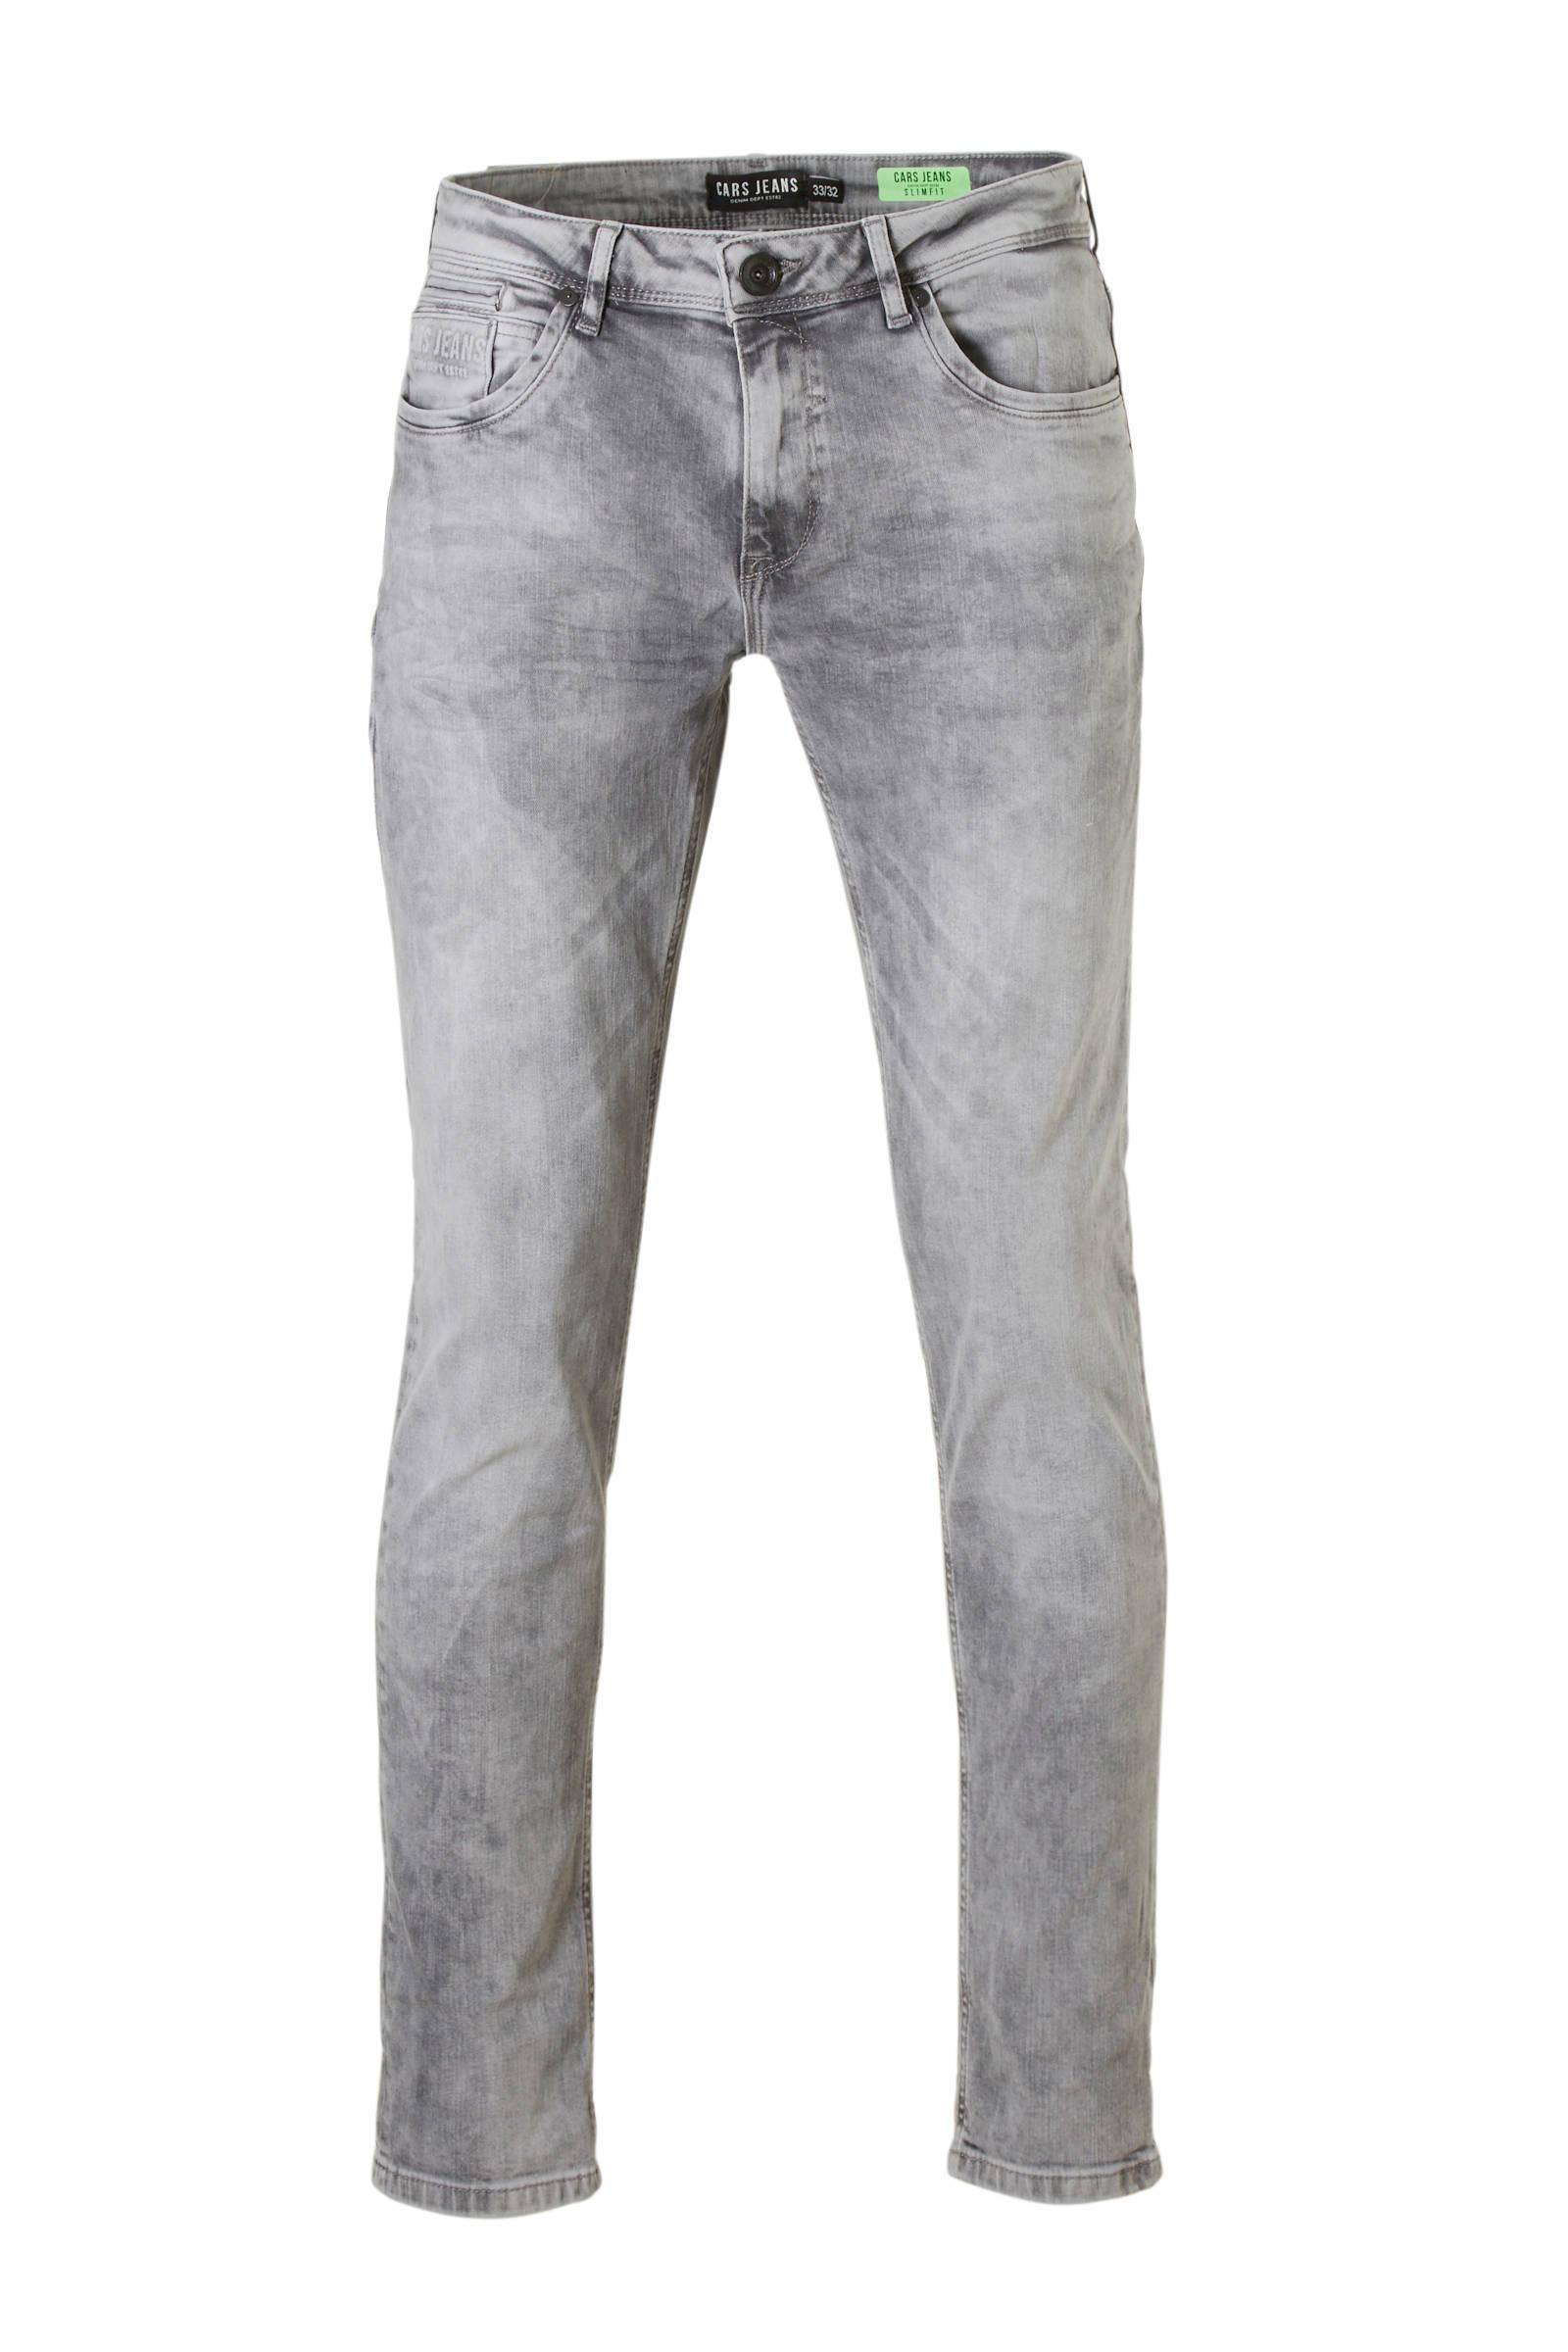 bca86fe4d22 heren jeans bij wehkamp - Gratis bezorging vanaf 20.-